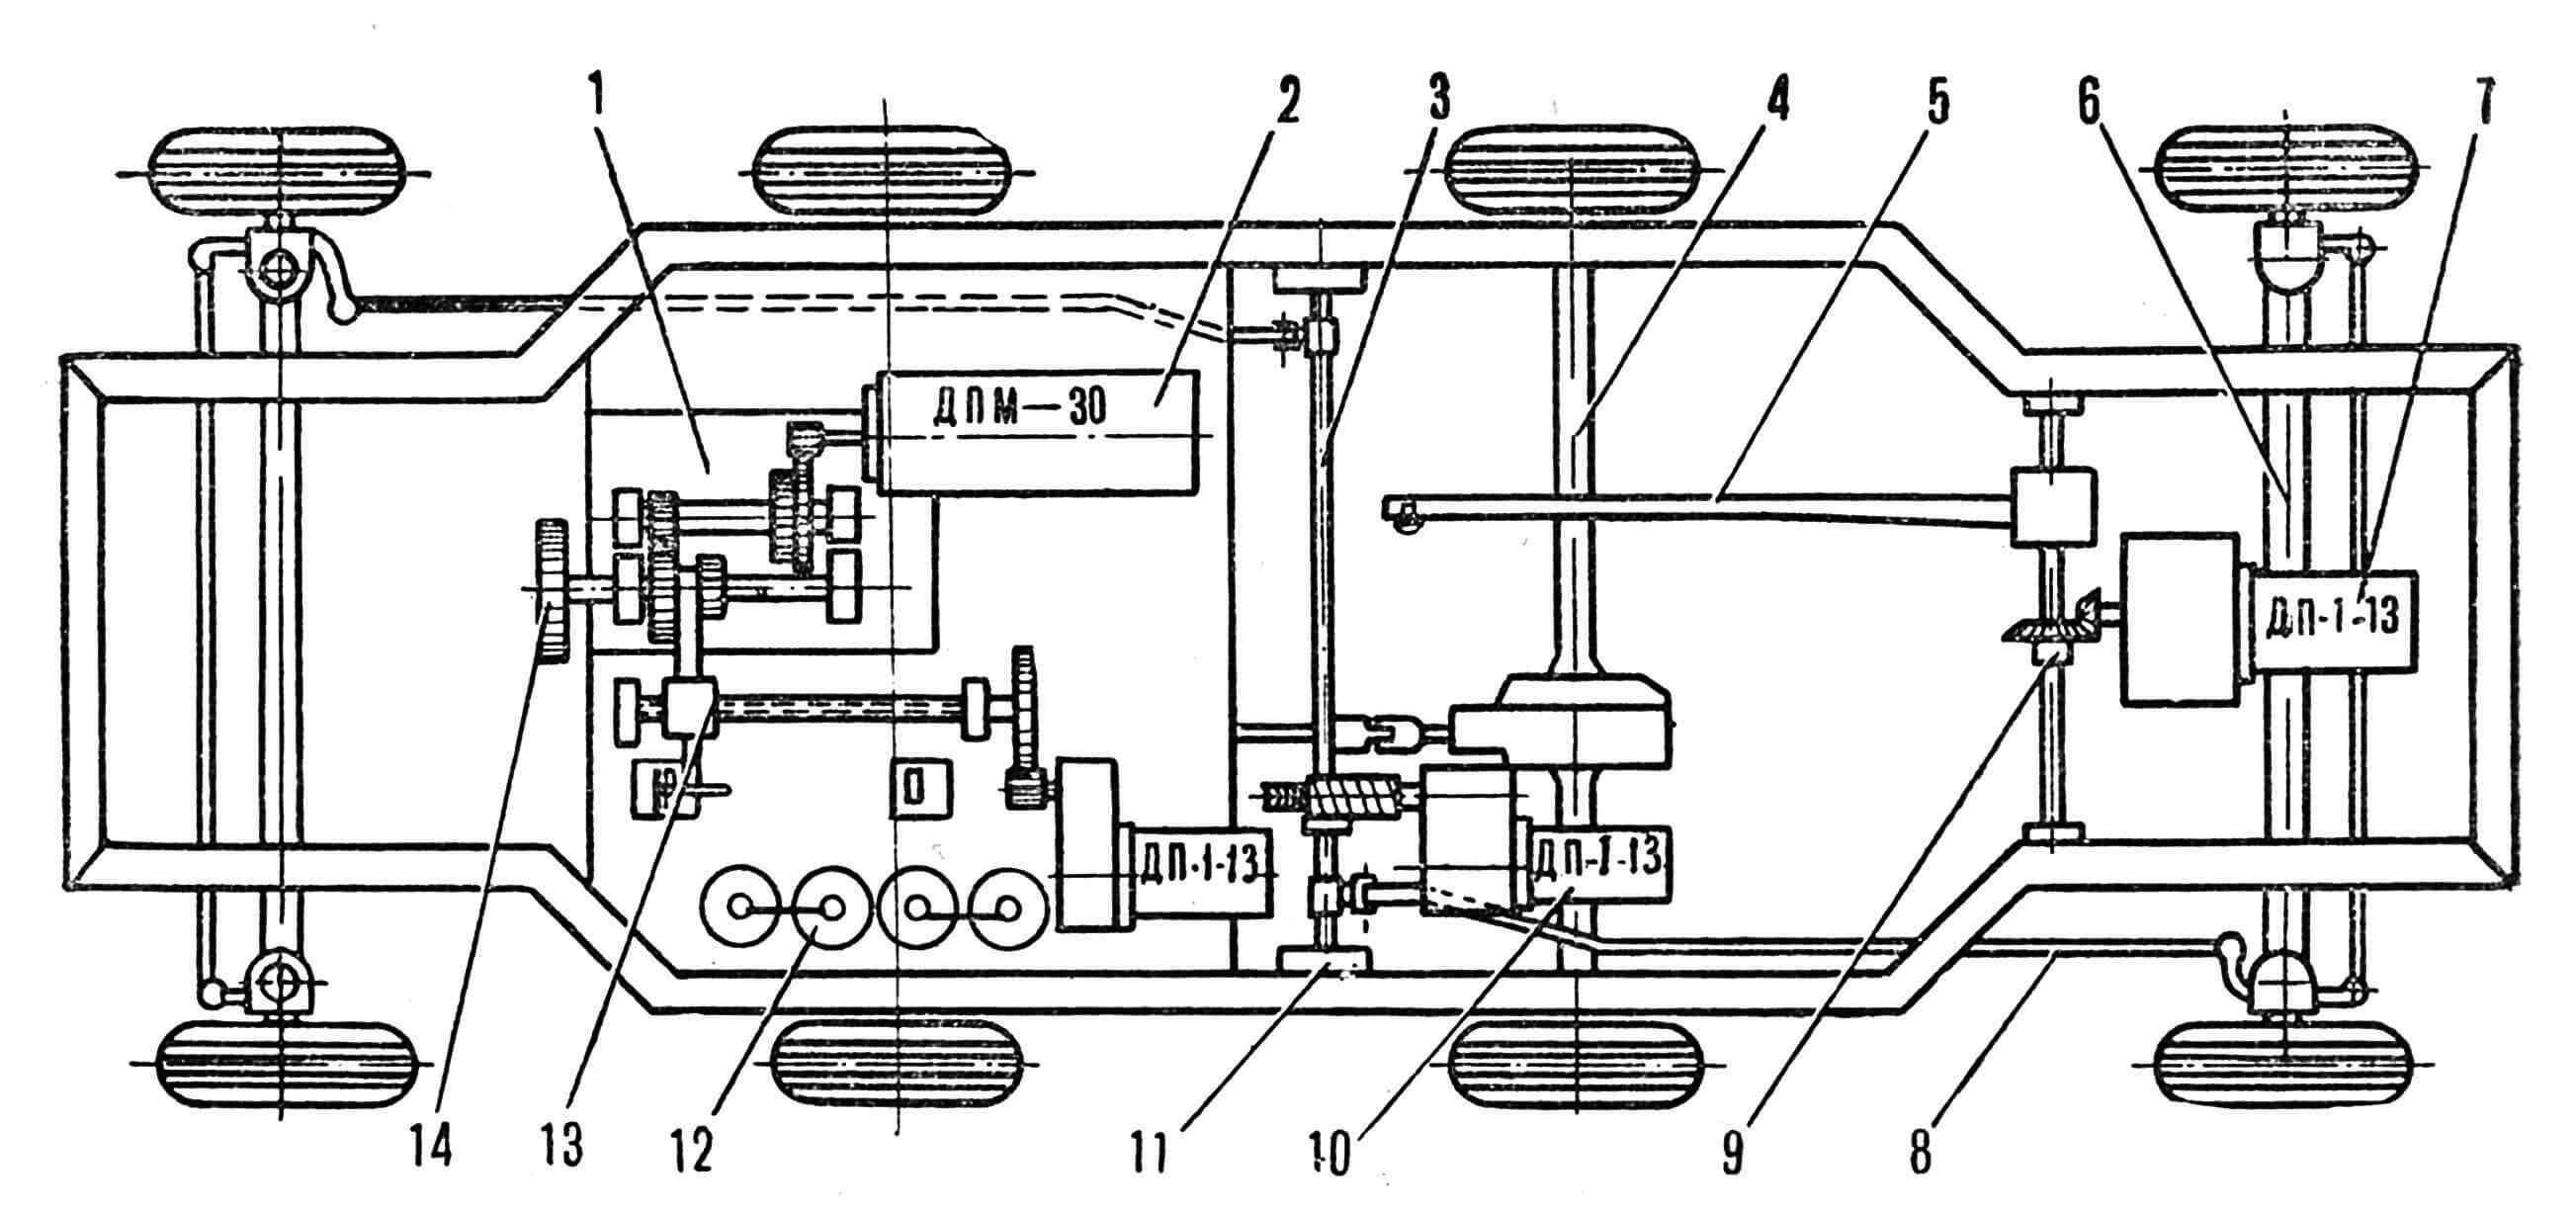 Рис. 2. Схема размещения оборудования: 1 — коробка скоростей, 2 — ходовой двигатель, 3 — вал поворота колес, 4 — ведущий мост, 5 — рычаг подъема платформы, 6 — ведомый мост, 7 — двигатель подъема платформы, 8 — тяги поворота колес, 9 — коническая пара, 10 — двигатель поворота колес, 11 — подшипник вала поворота колес, 12 — диодный мостик, 13 — механизм переключения скоростей, 14 — шестерня.